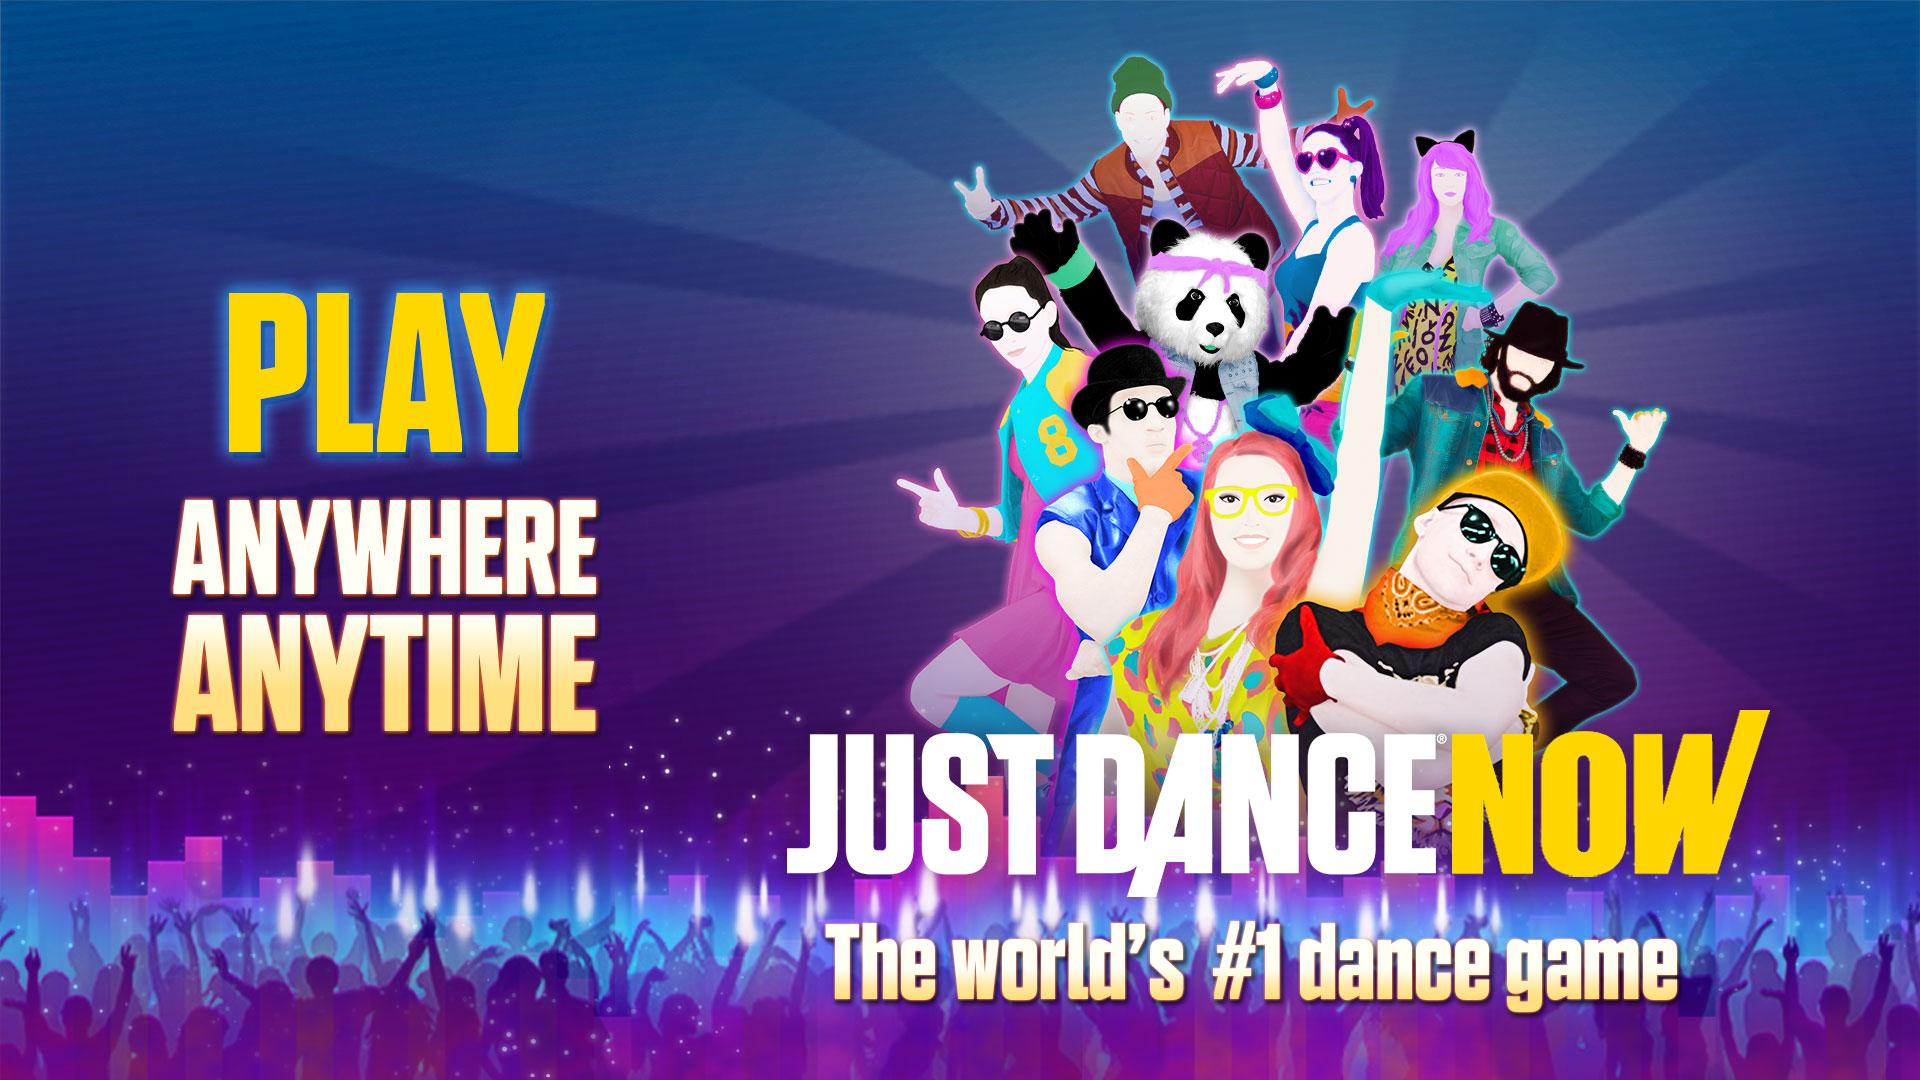 แต่สำหรับใครที่ขี้เกียจไปออกกำลังกาย และยังเป็นคนที่ชื่นชอบเสียงเพลงและรักการเต้น เกม Just Dance Now เกมเต้นออกกำลังกายทั่วโลก Remove term: เกมเต้นออนไลน์ เกมเต้นออนไลน์Remove term: เกมมือถือ2020 เกมมือถือ2020Remove term: เกมออกกำลังกาย2020 เกมออกกำลังกาย2020Remove term: Game Dance Online Game Dance OnlineRemove term: เกมมาใหม่2020 เกมมาใหม่2020